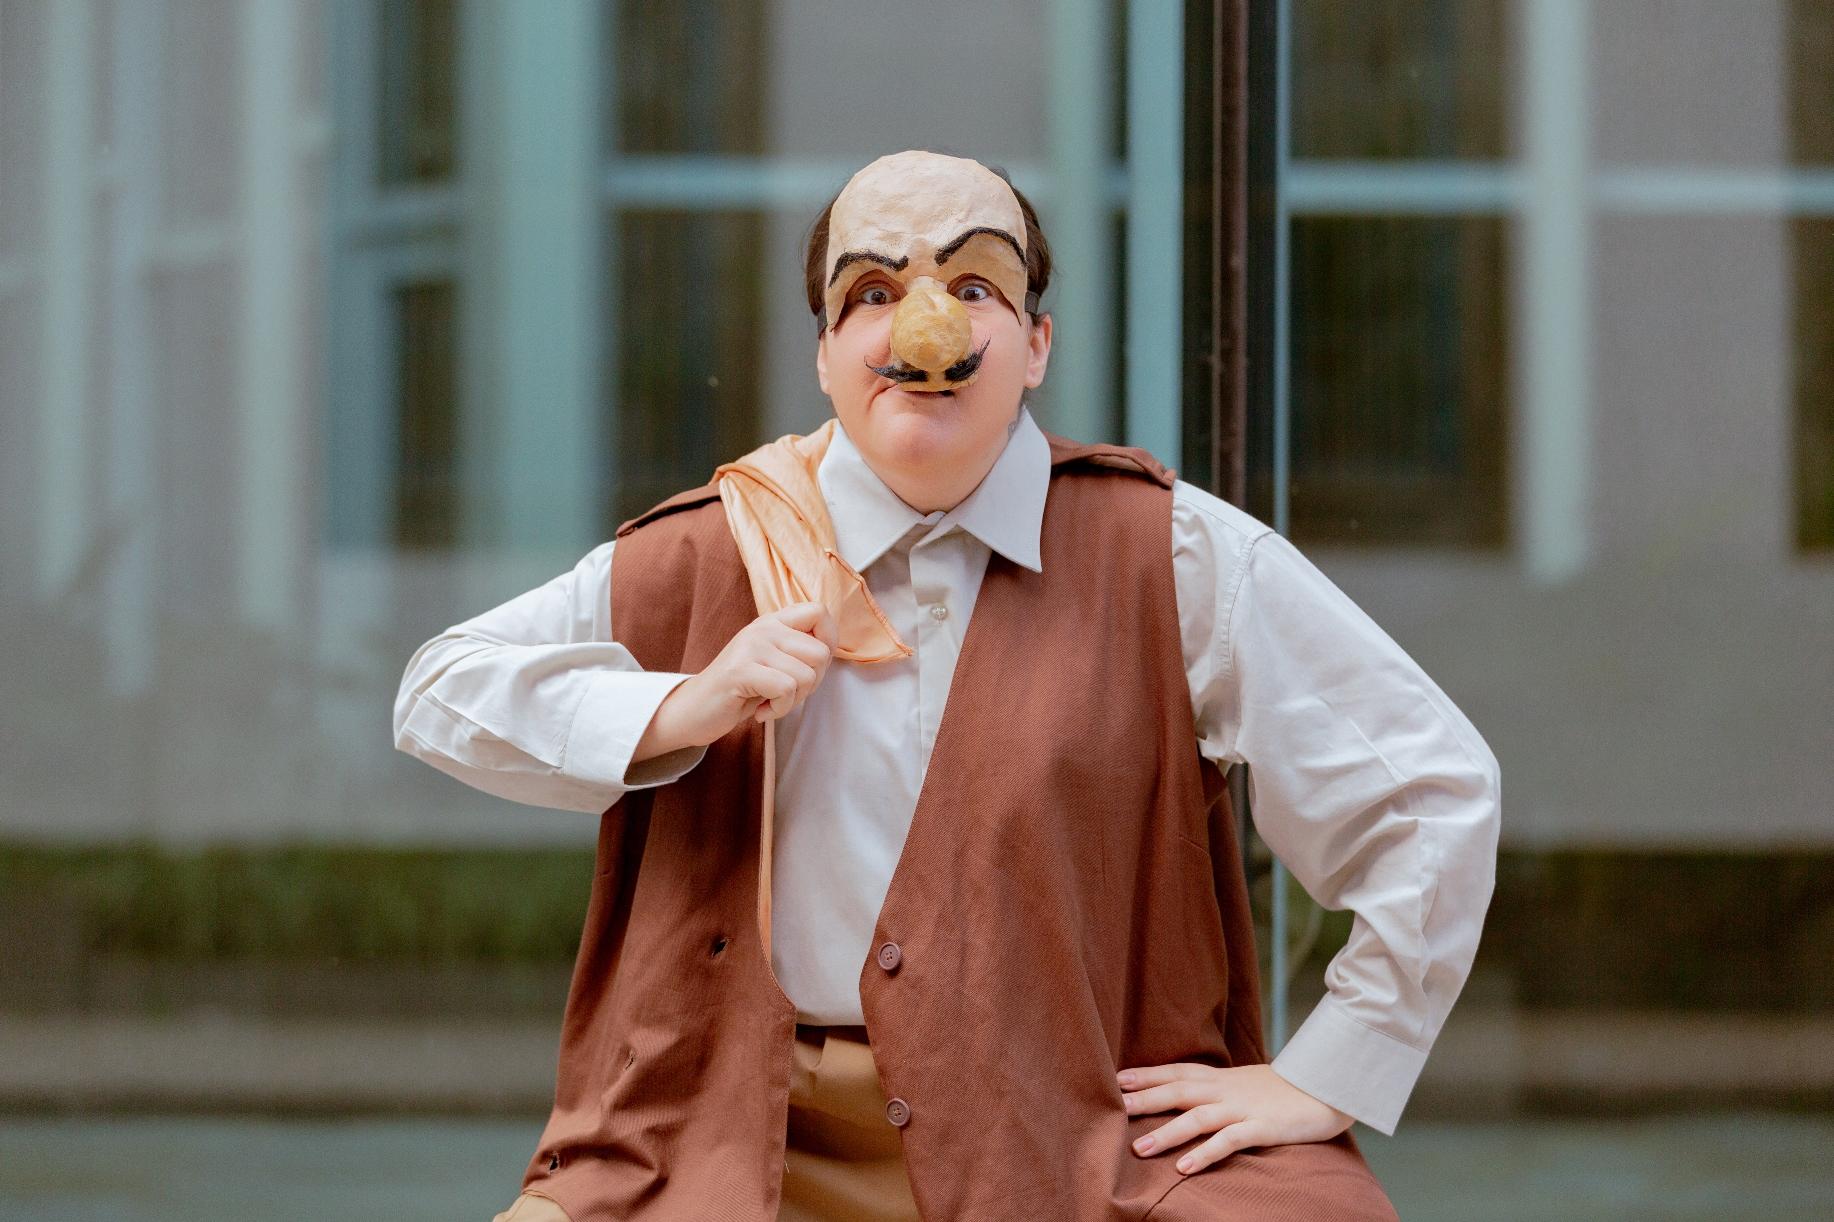 ator com máscara de narigão